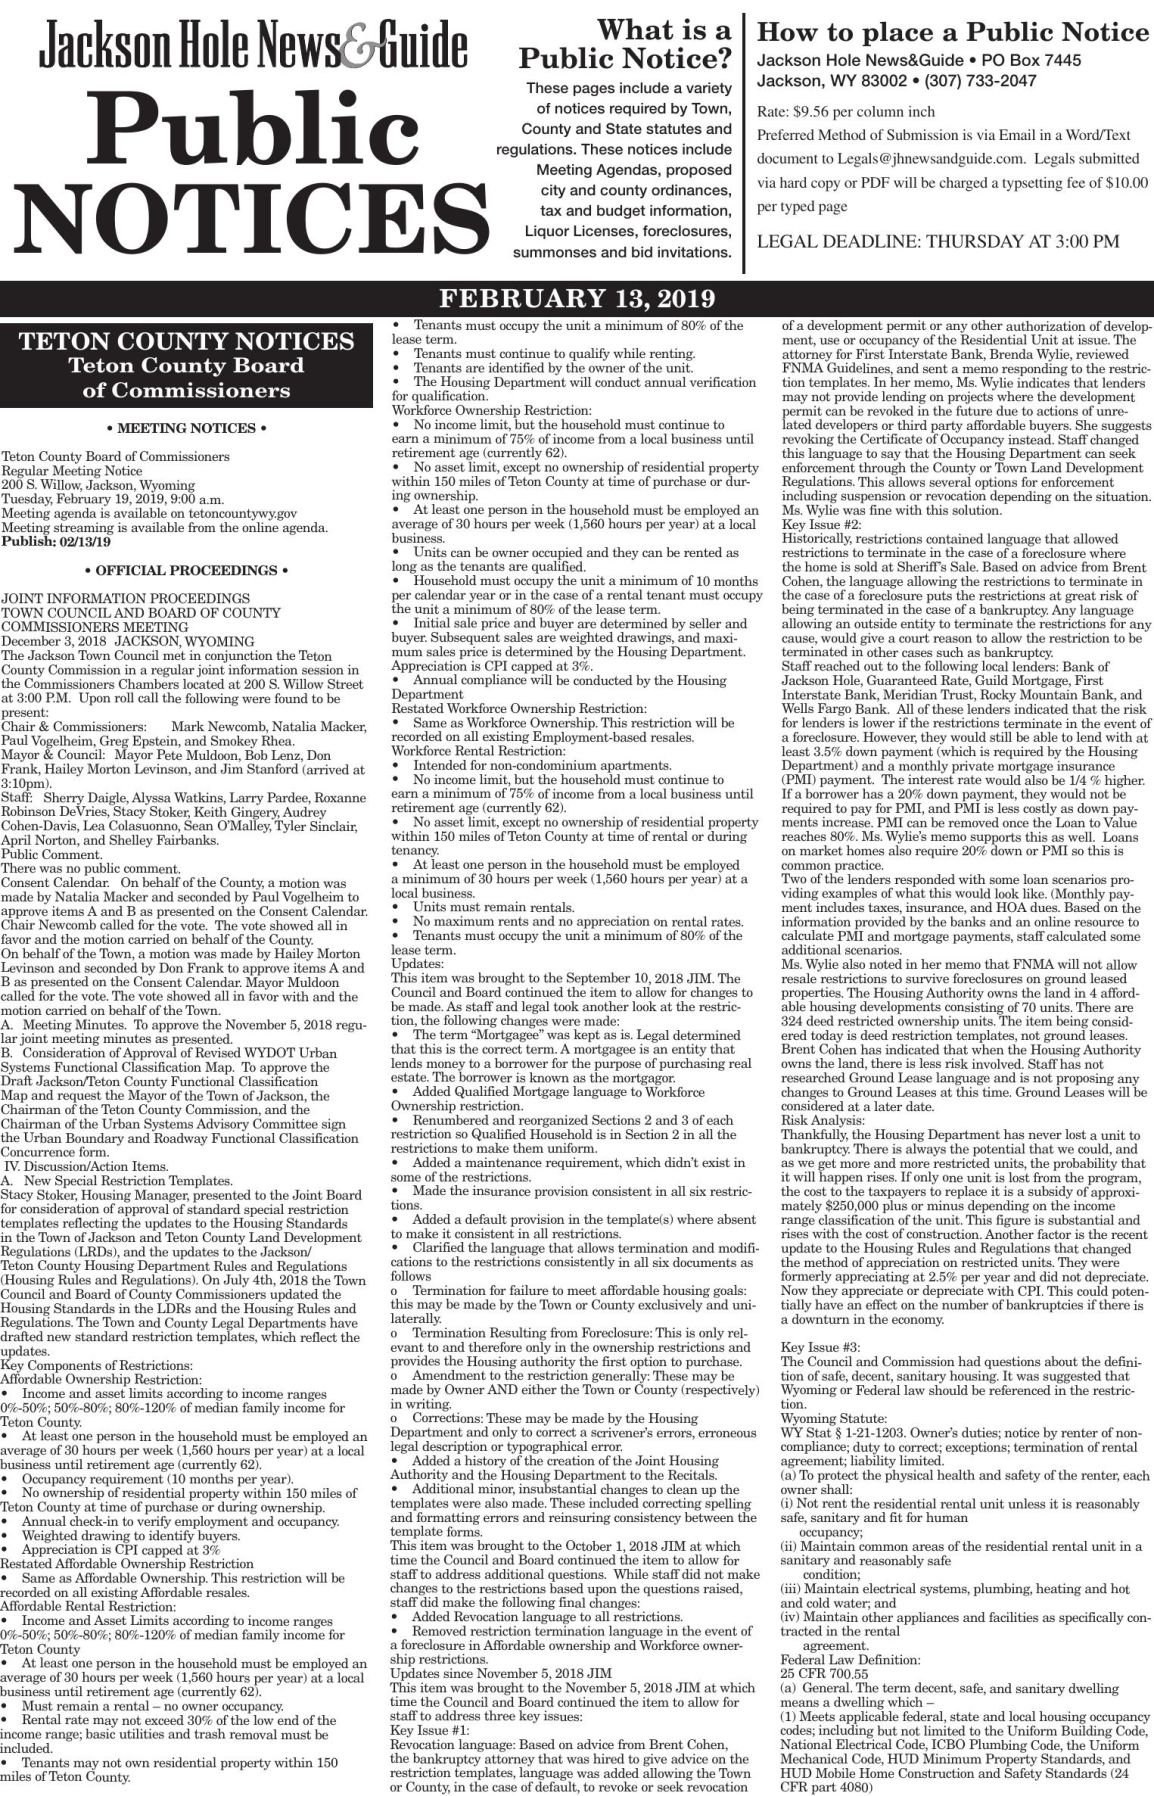 Public Notices, Feb. 13, 2019